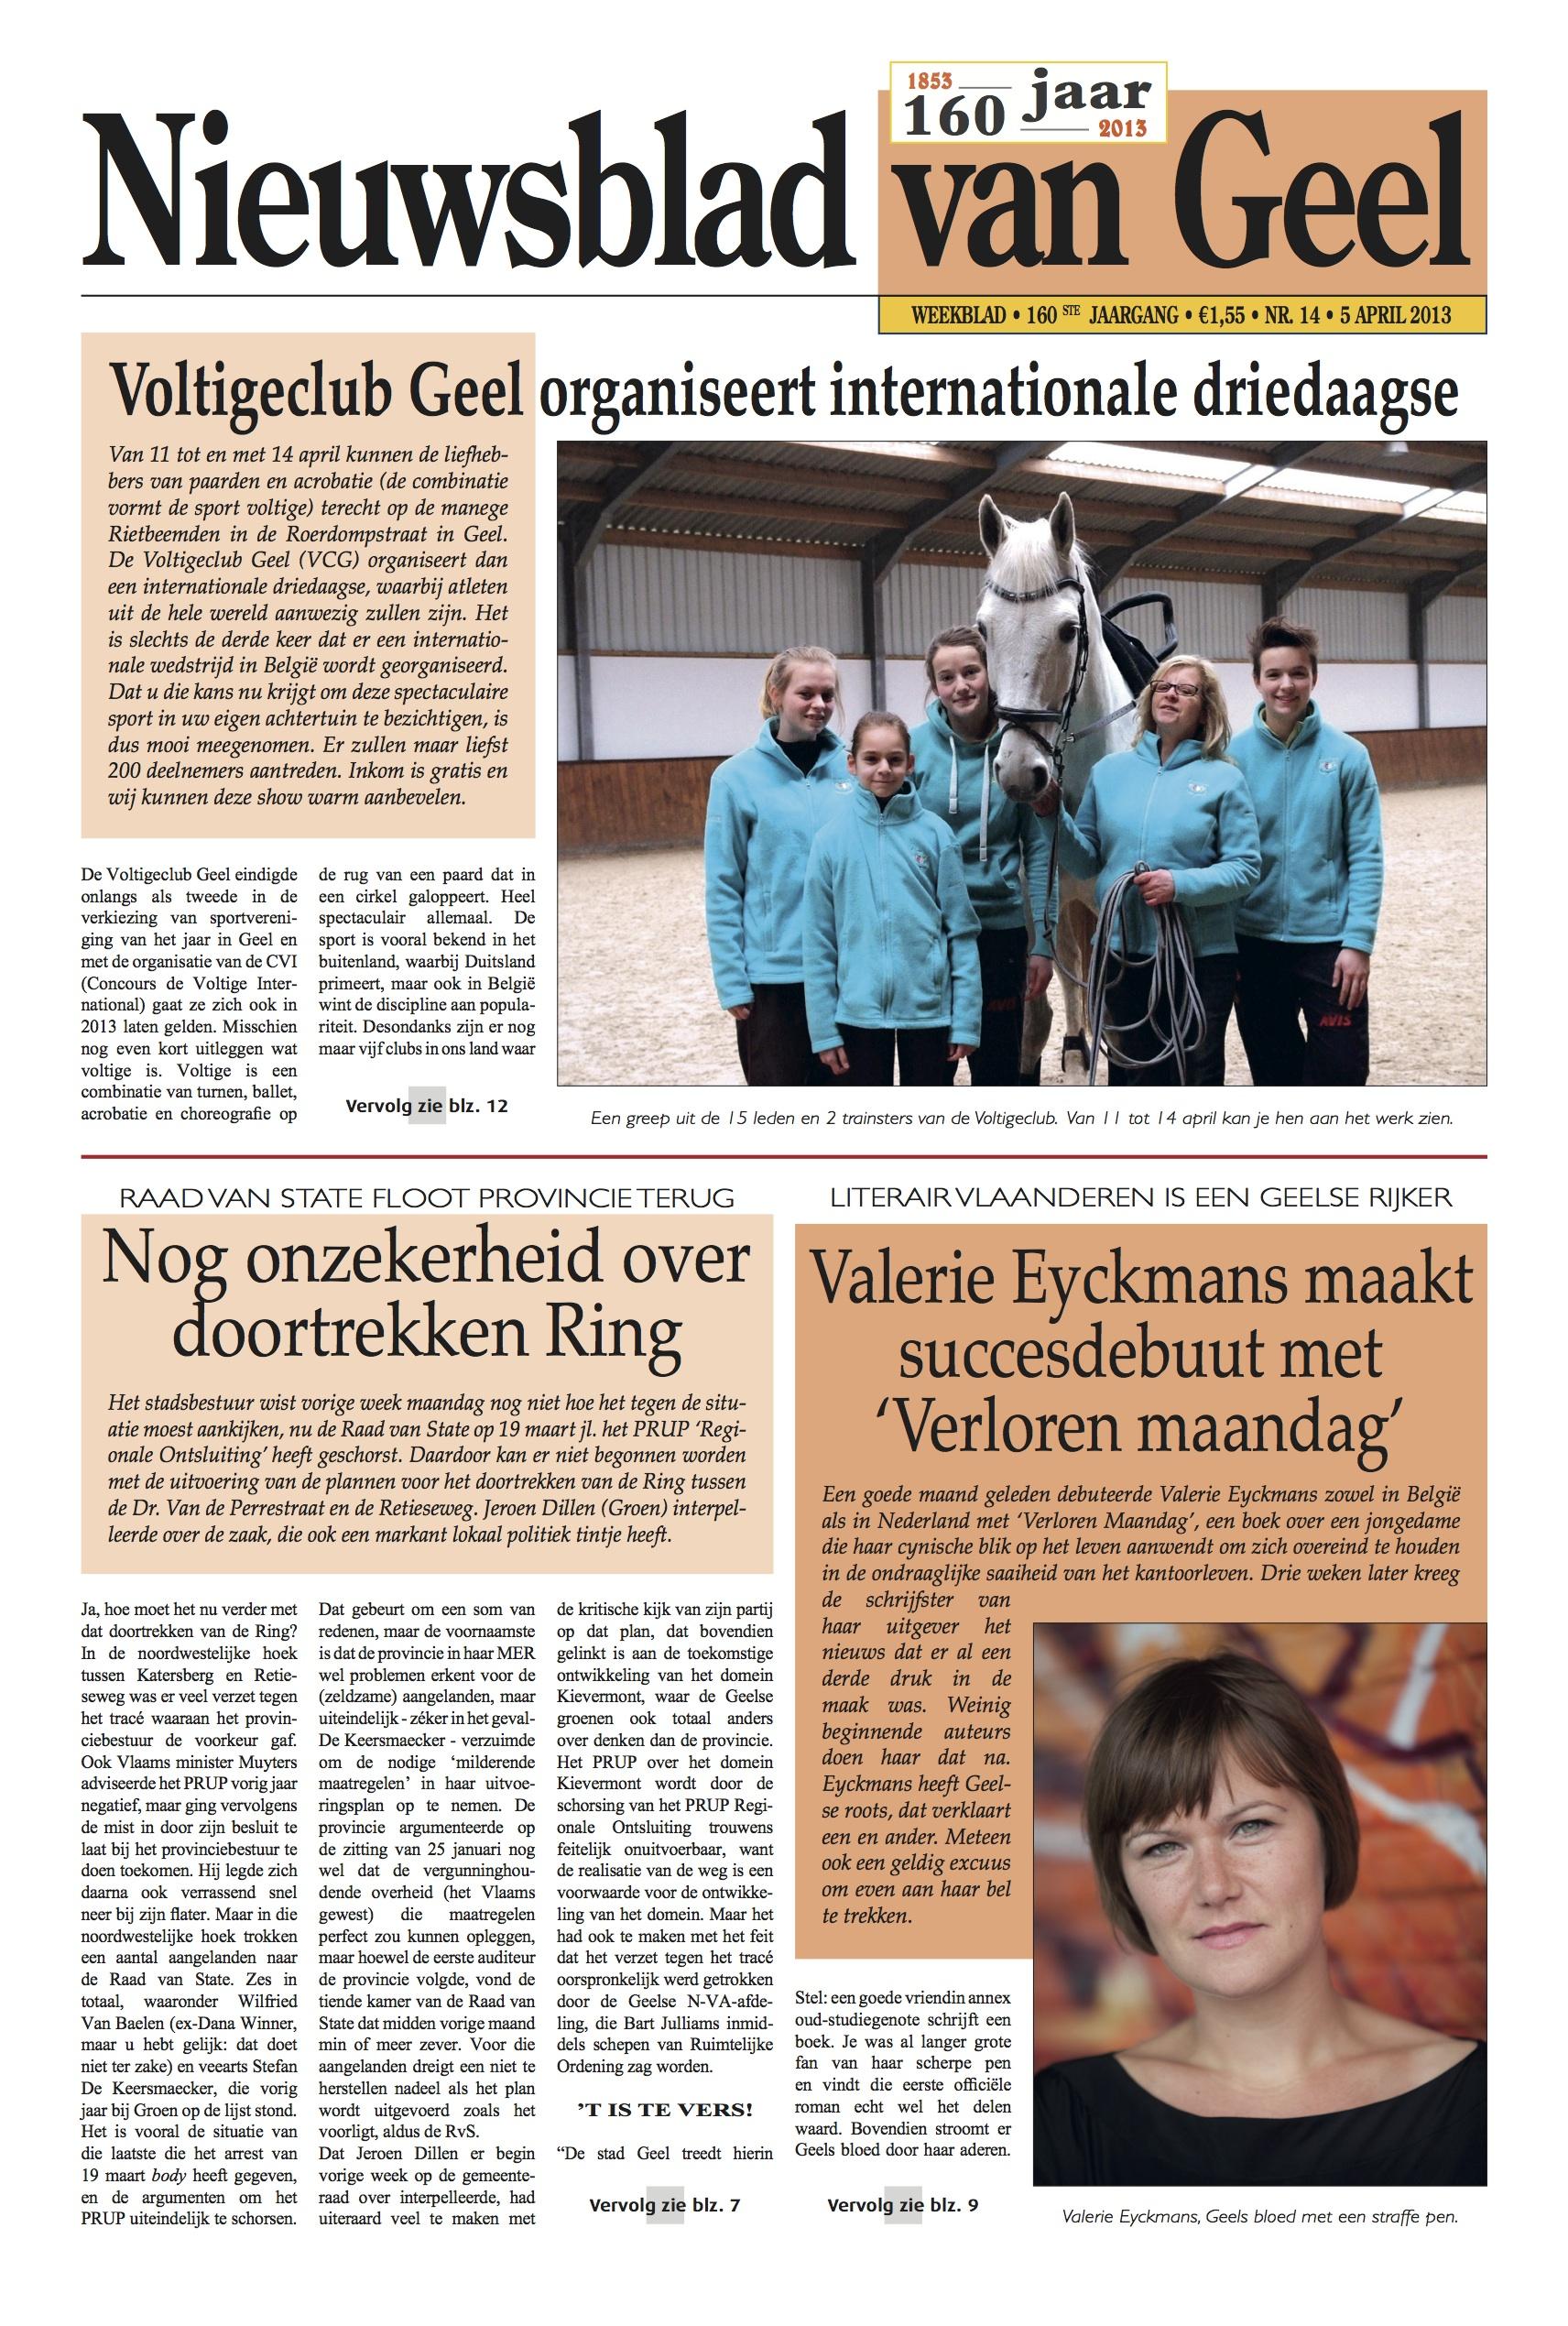 Nieuwsblad van Geel 8 april 2013